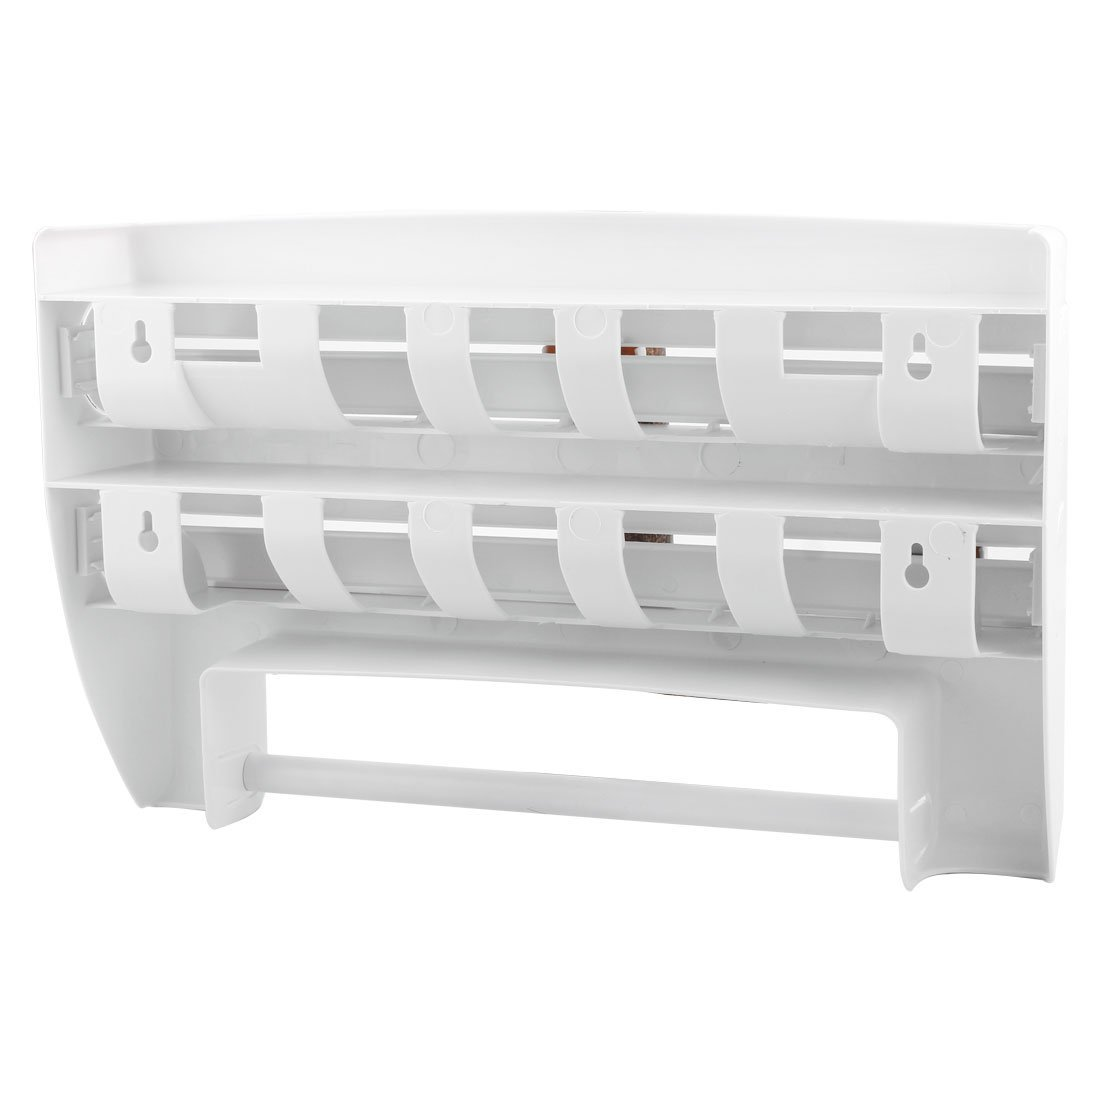 Amazon.com: eDealMax Cocina abrigo del alimento del papel de aluminio Dispensador estante de especia de montaje en pared soporte de papel toalla blanca: ...